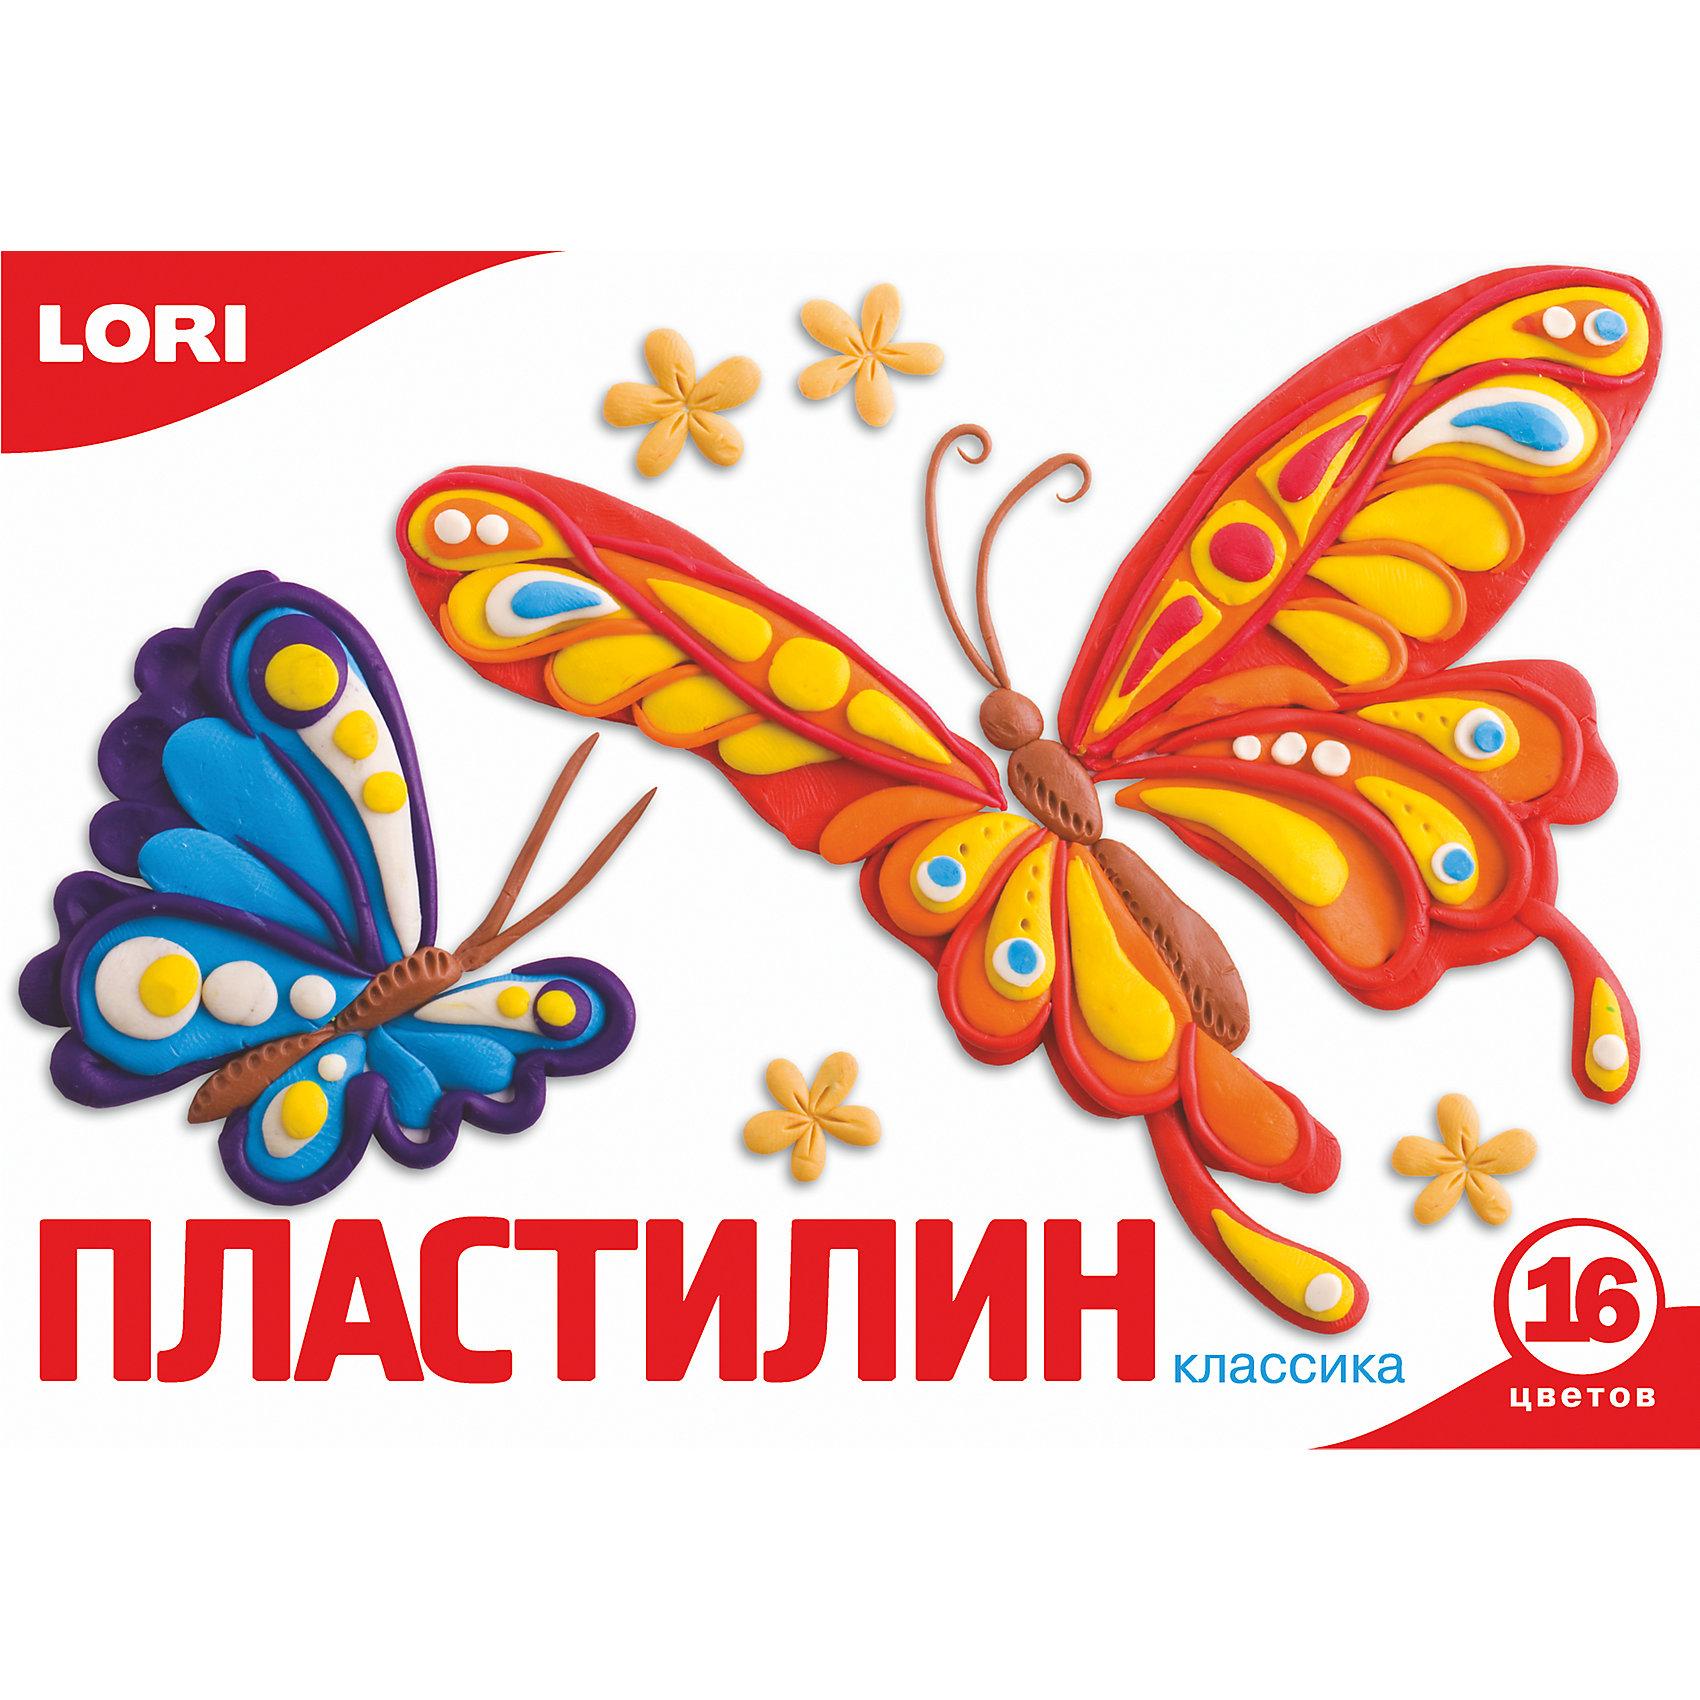 LORI Пластилин «Классика» 16 цветов, 20 г всё для лепки lori пластилин классика 16 цветов